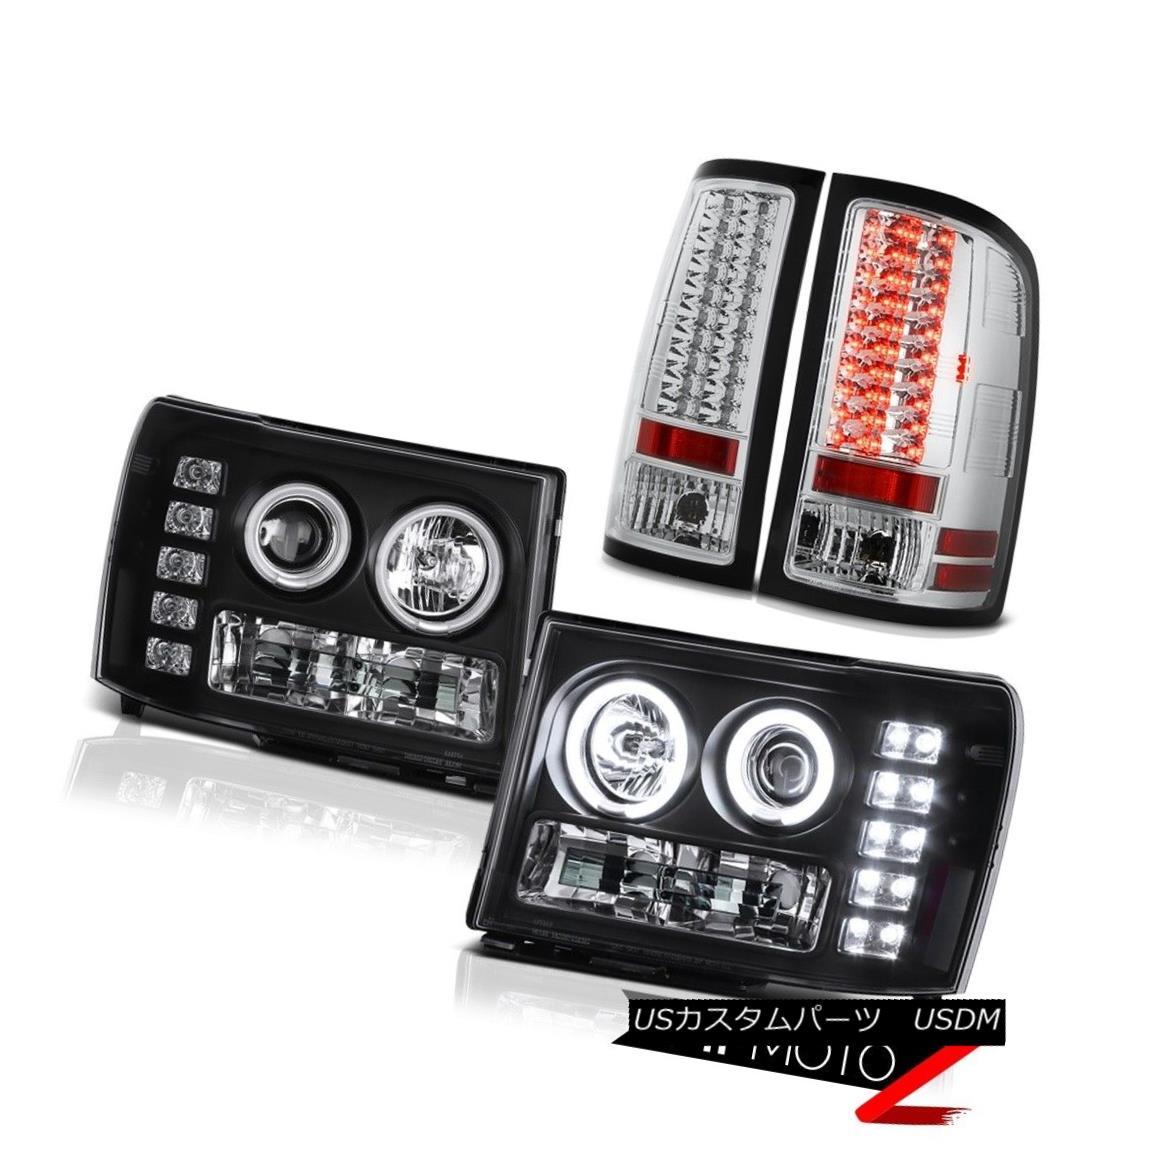 テールライト Brightest CCFL Halo Headlight Chrome LED Taillamp 2013 2014 GMC Sierra Diesel WT 最も明るいCCFL HaloヘッドライトクロームLED Taillamp 2013 2014 GMC Sierra Diesel WT